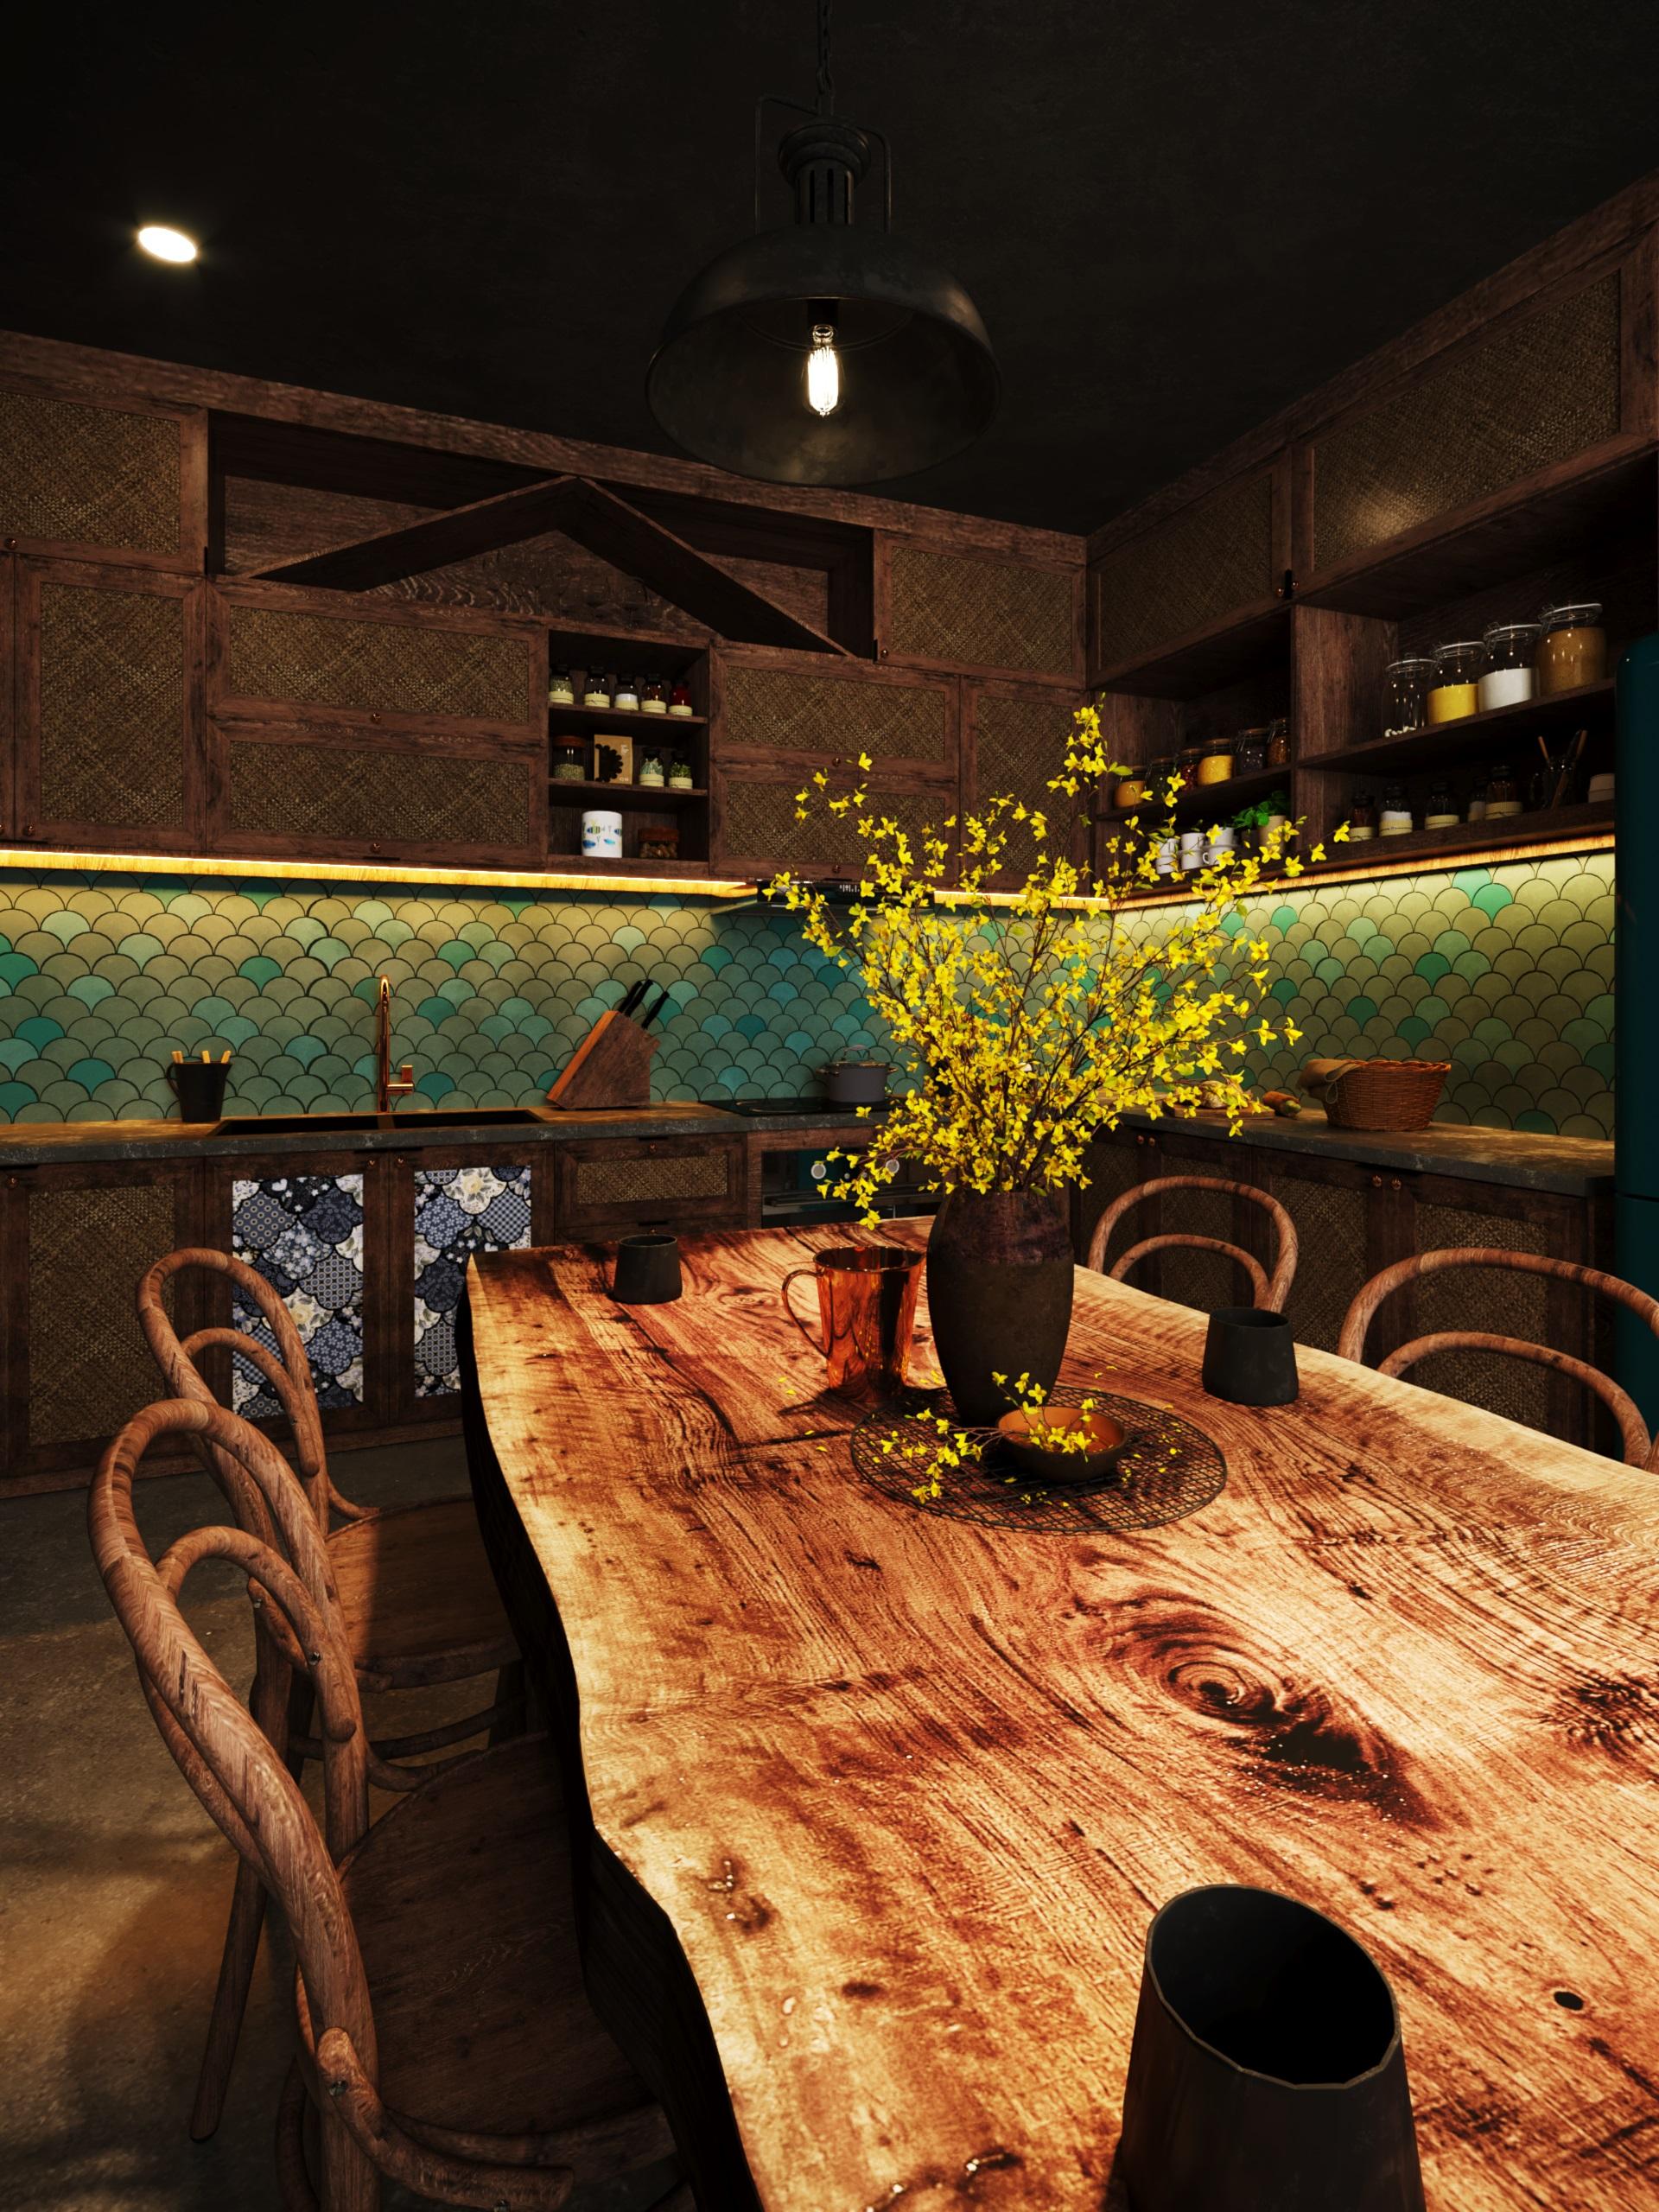 thiết kế nội thất Cafe tại Hà Nội caffee koi 11 1569649988